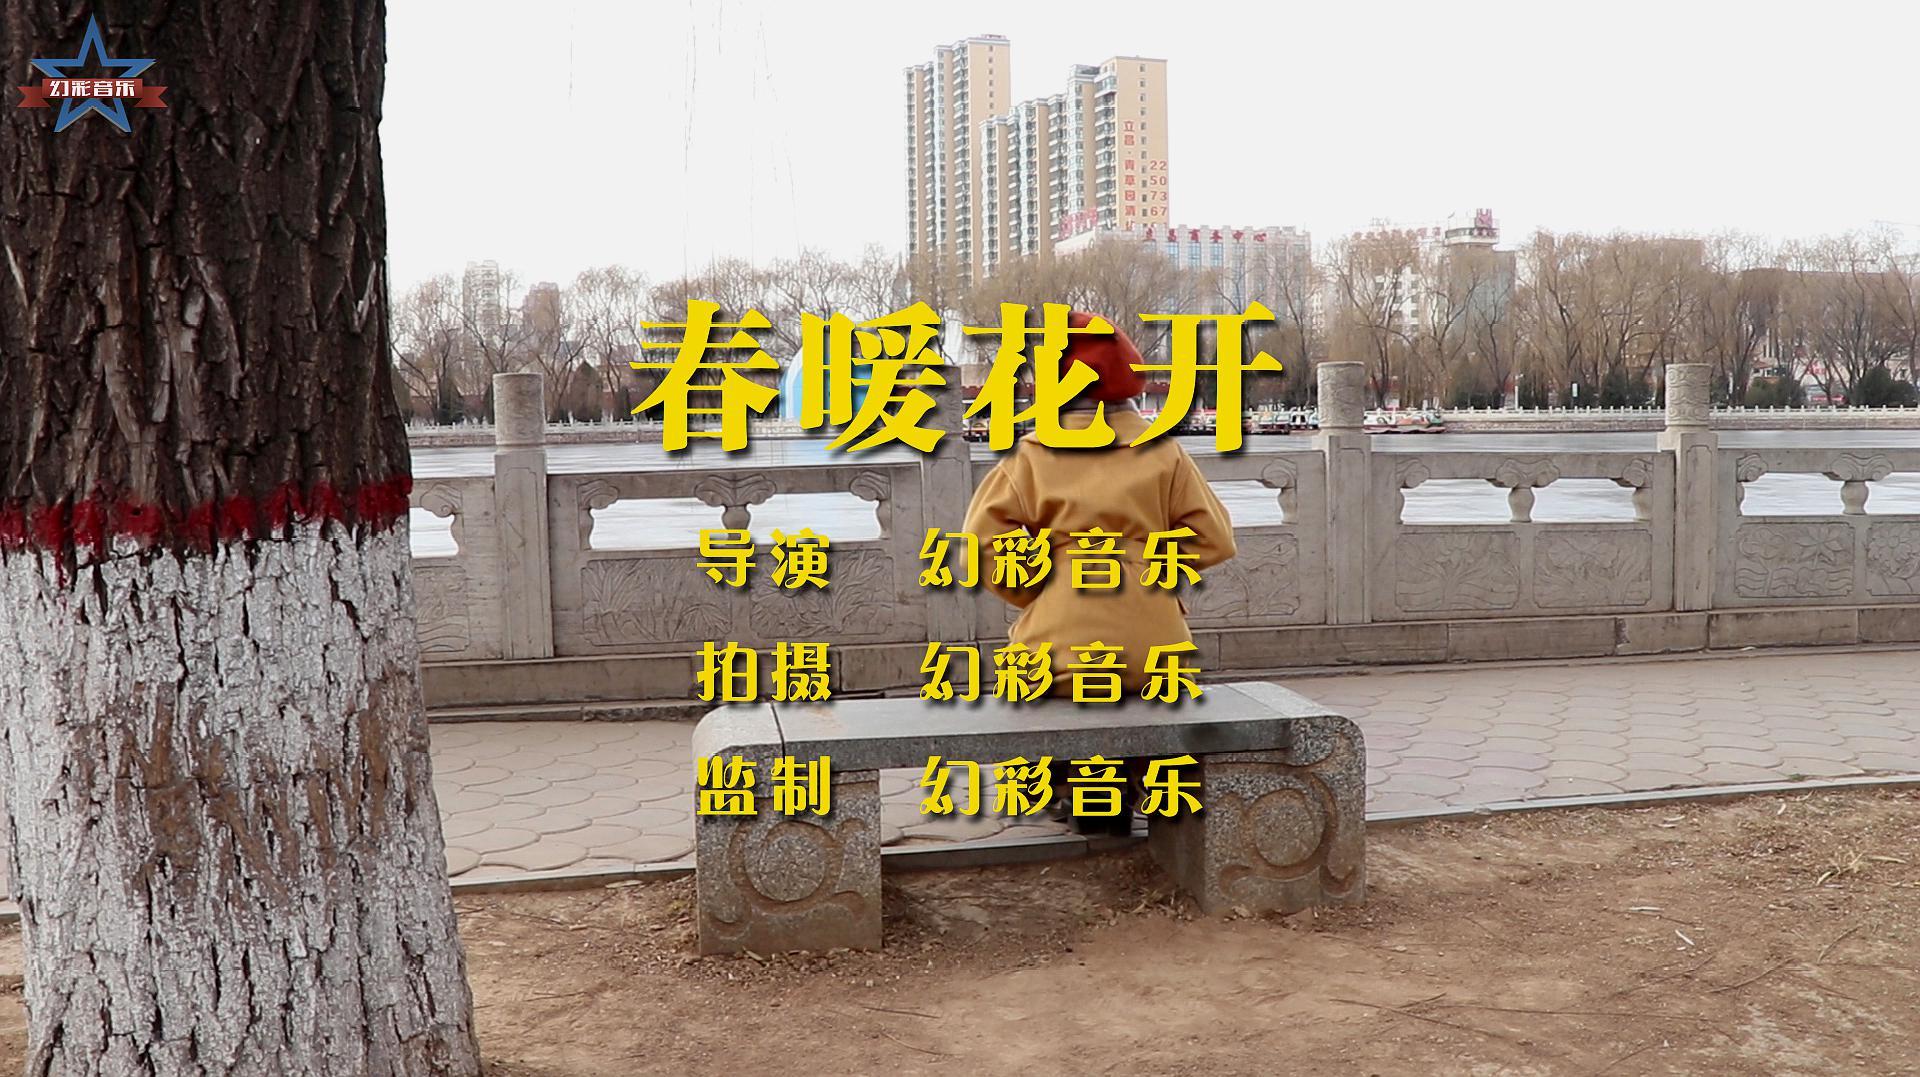 周艳泓一首《春暖花开》,写给春天的歌曲,生机勃勃的歌曲